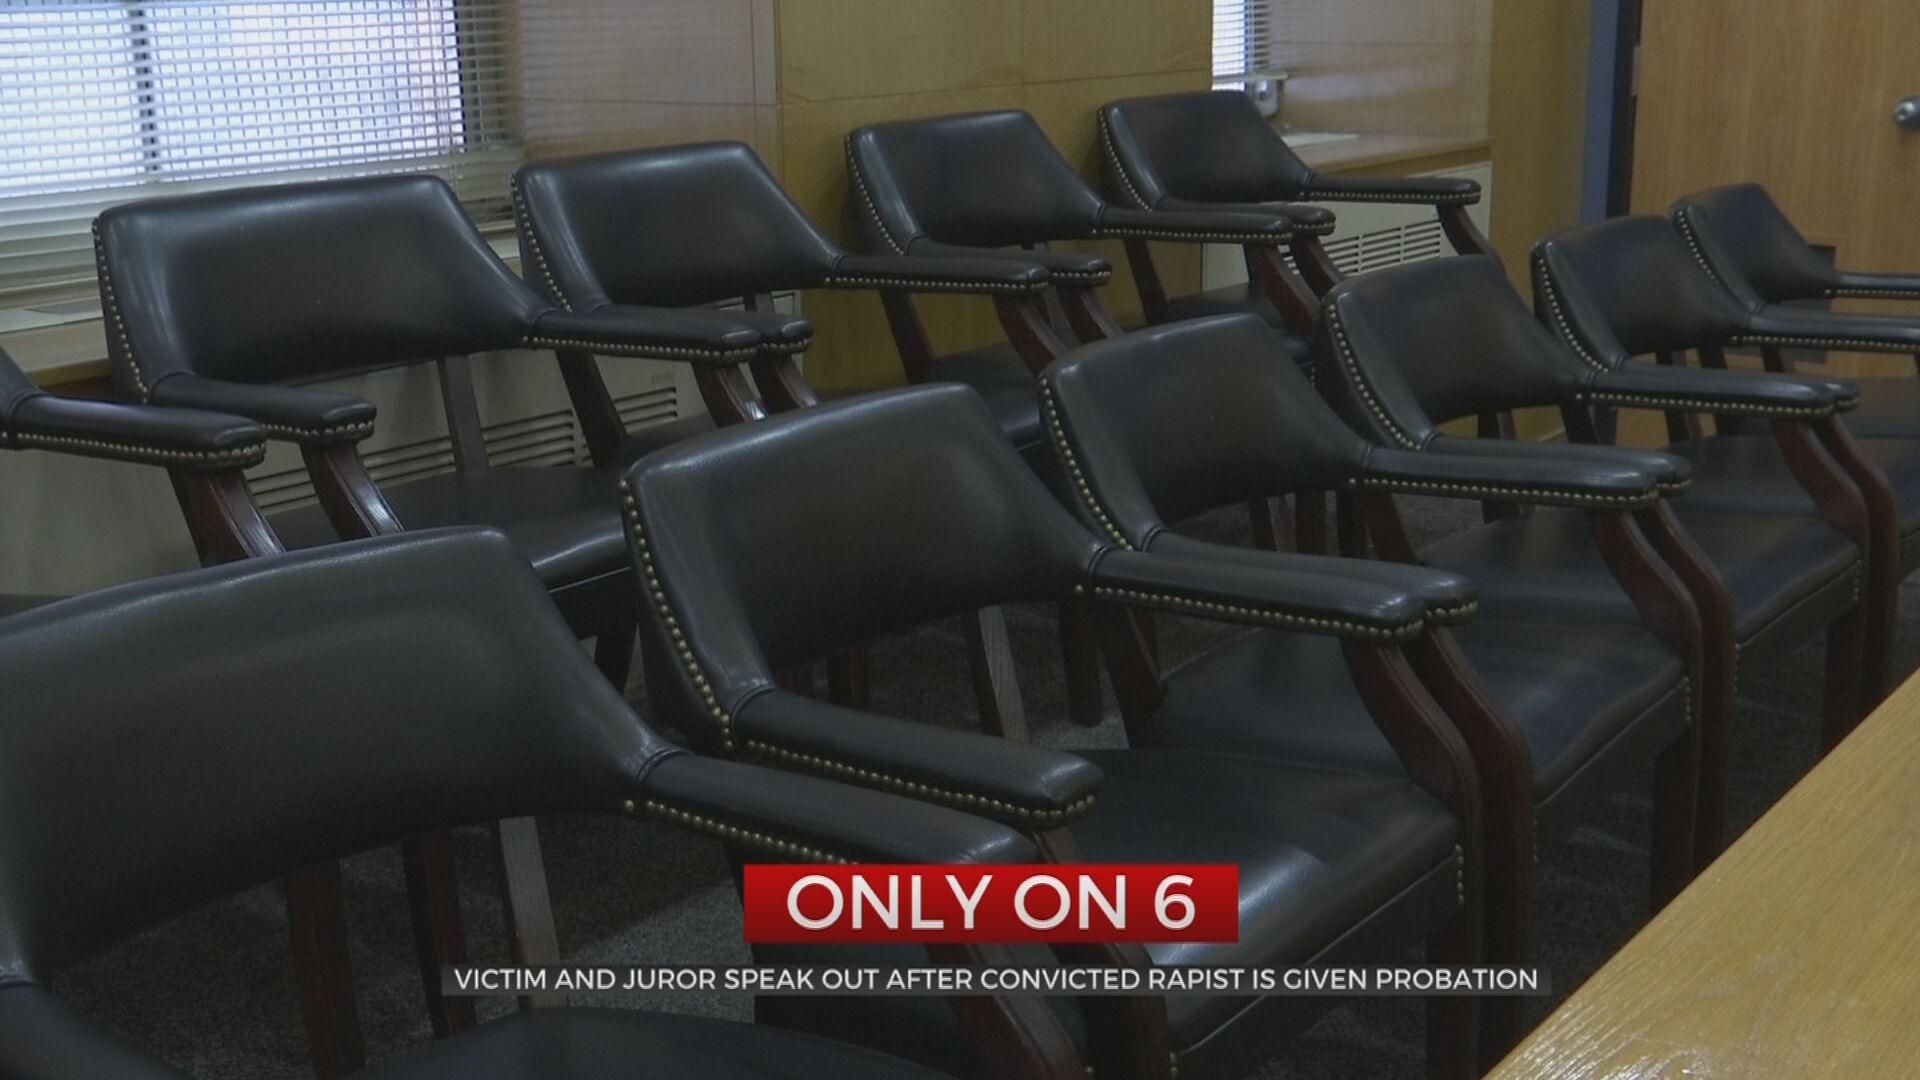 'I Felt Sick': Victim, Juror Speak Out After Convicted Rapist Given No Jail Time